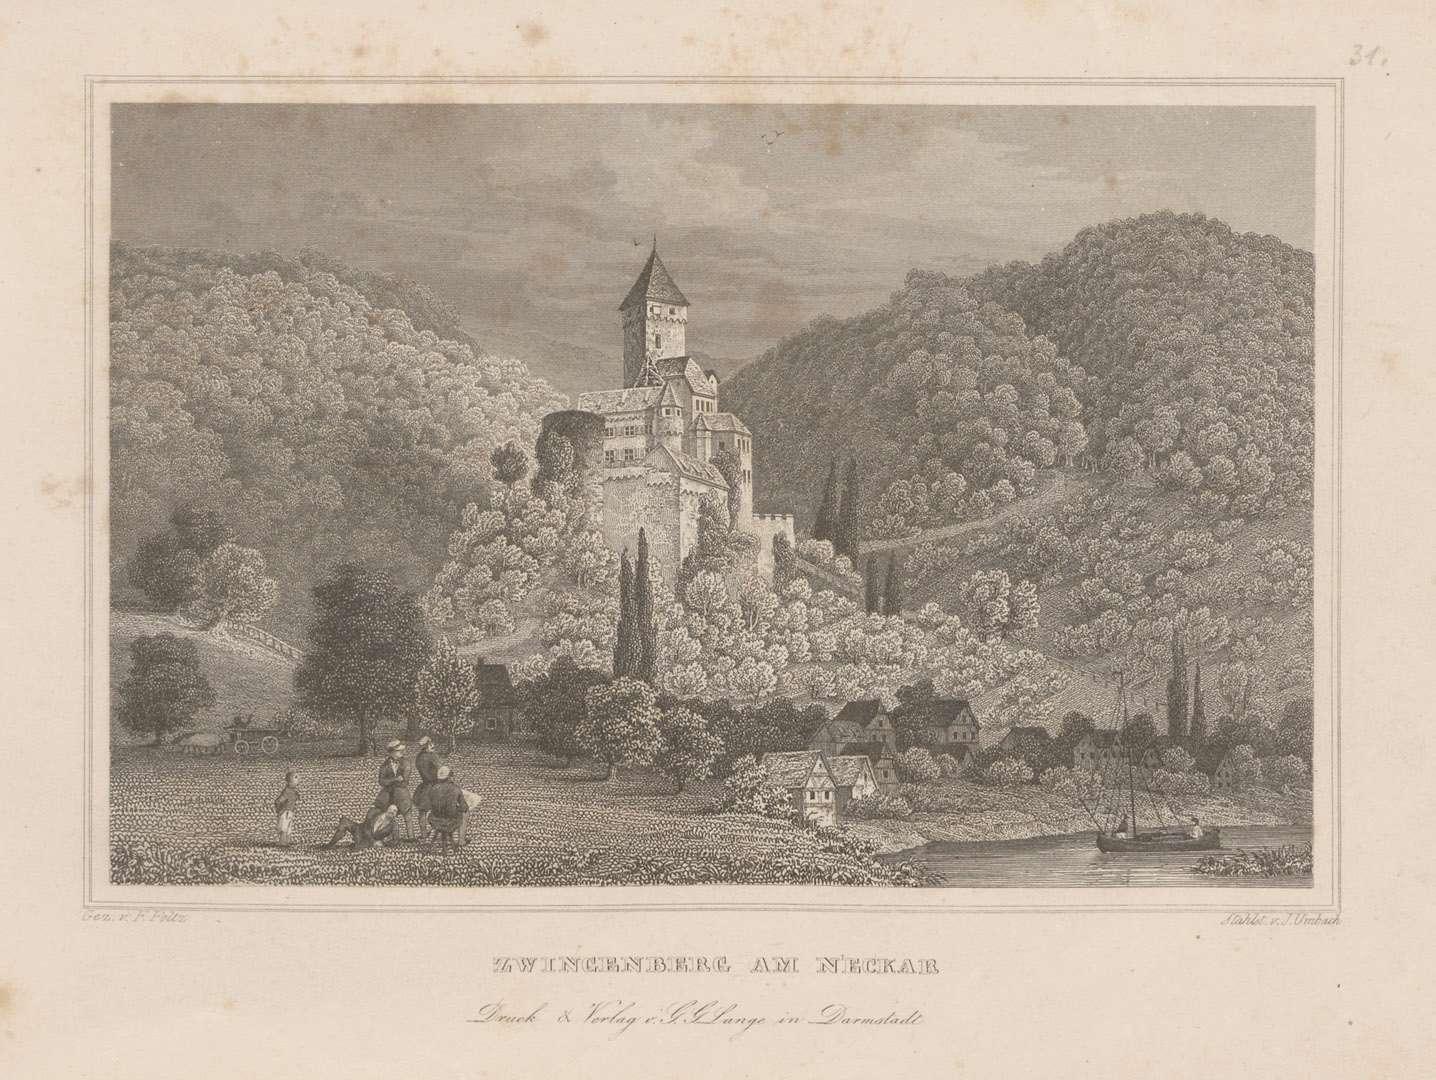 Zwingenberg am Neckar, Bild 1